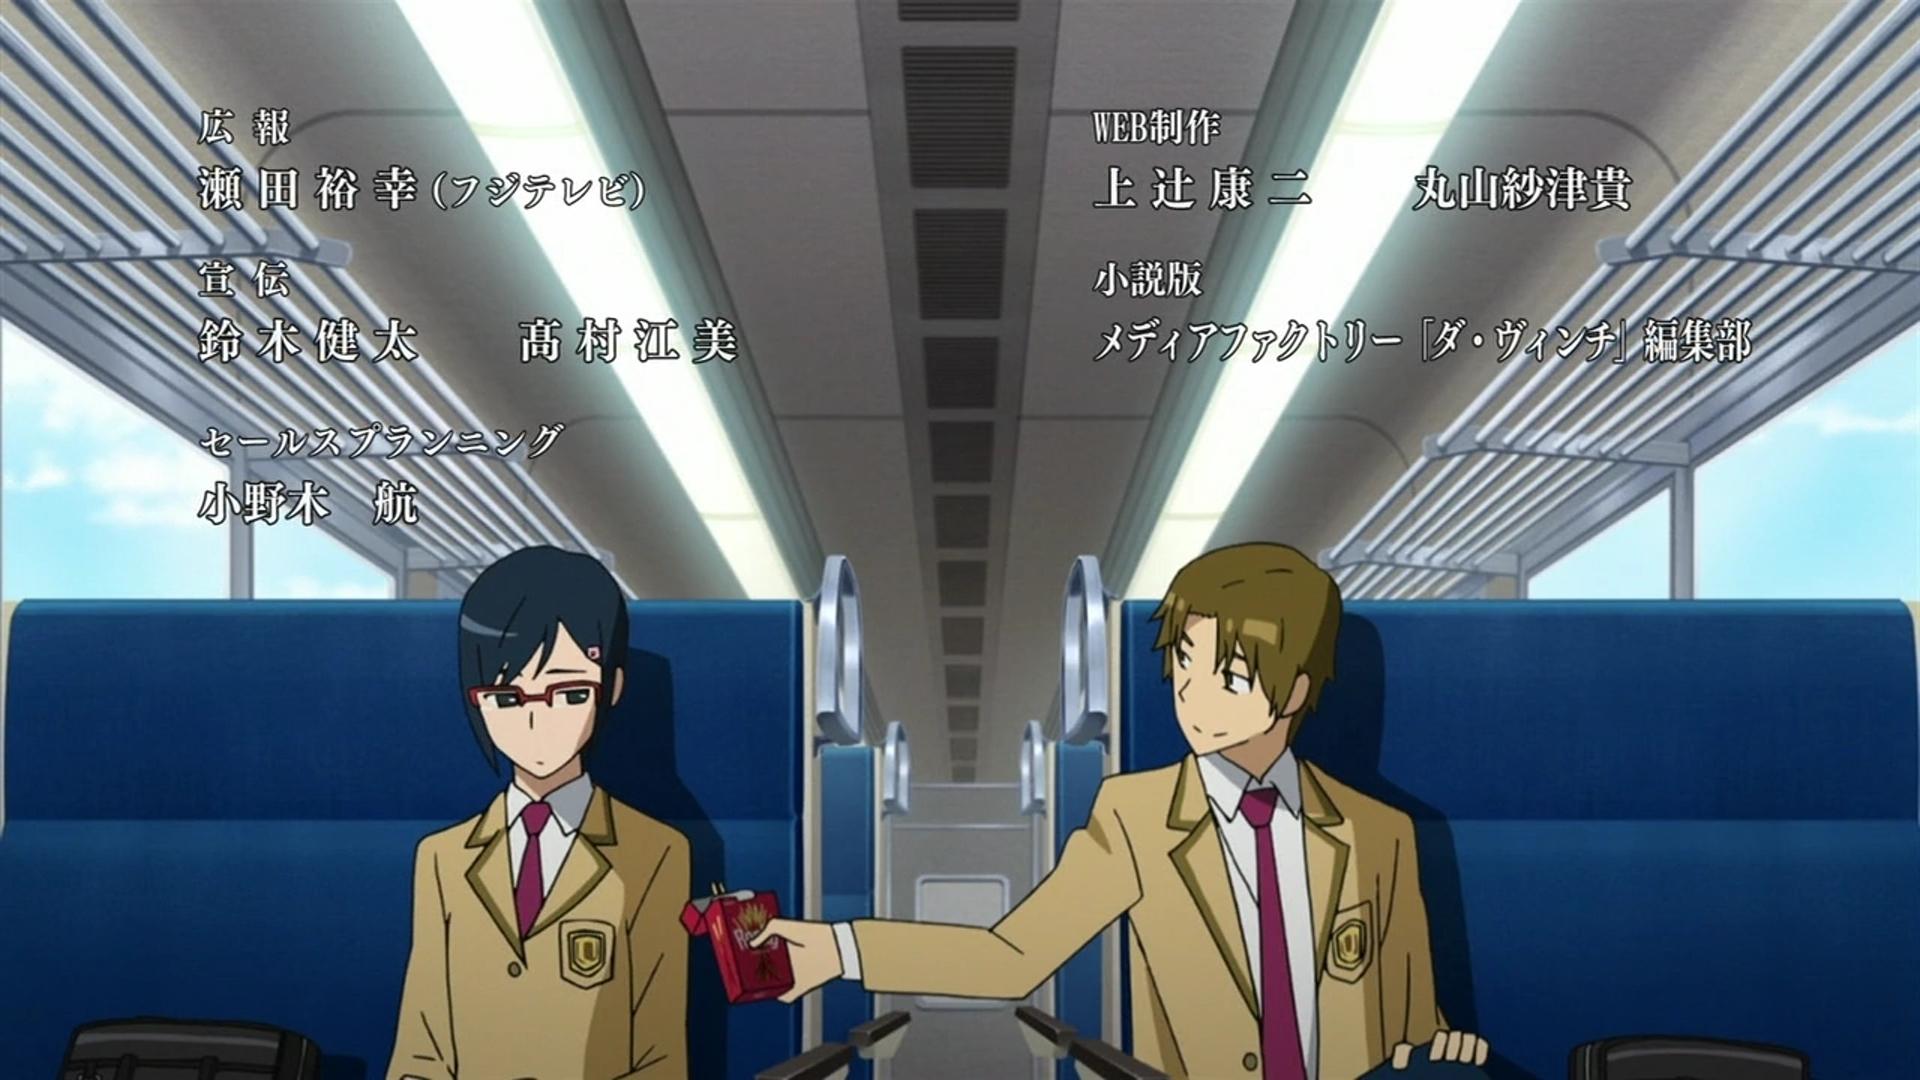 電車内でつるこにポッキーを渡そうとするゆきあつ